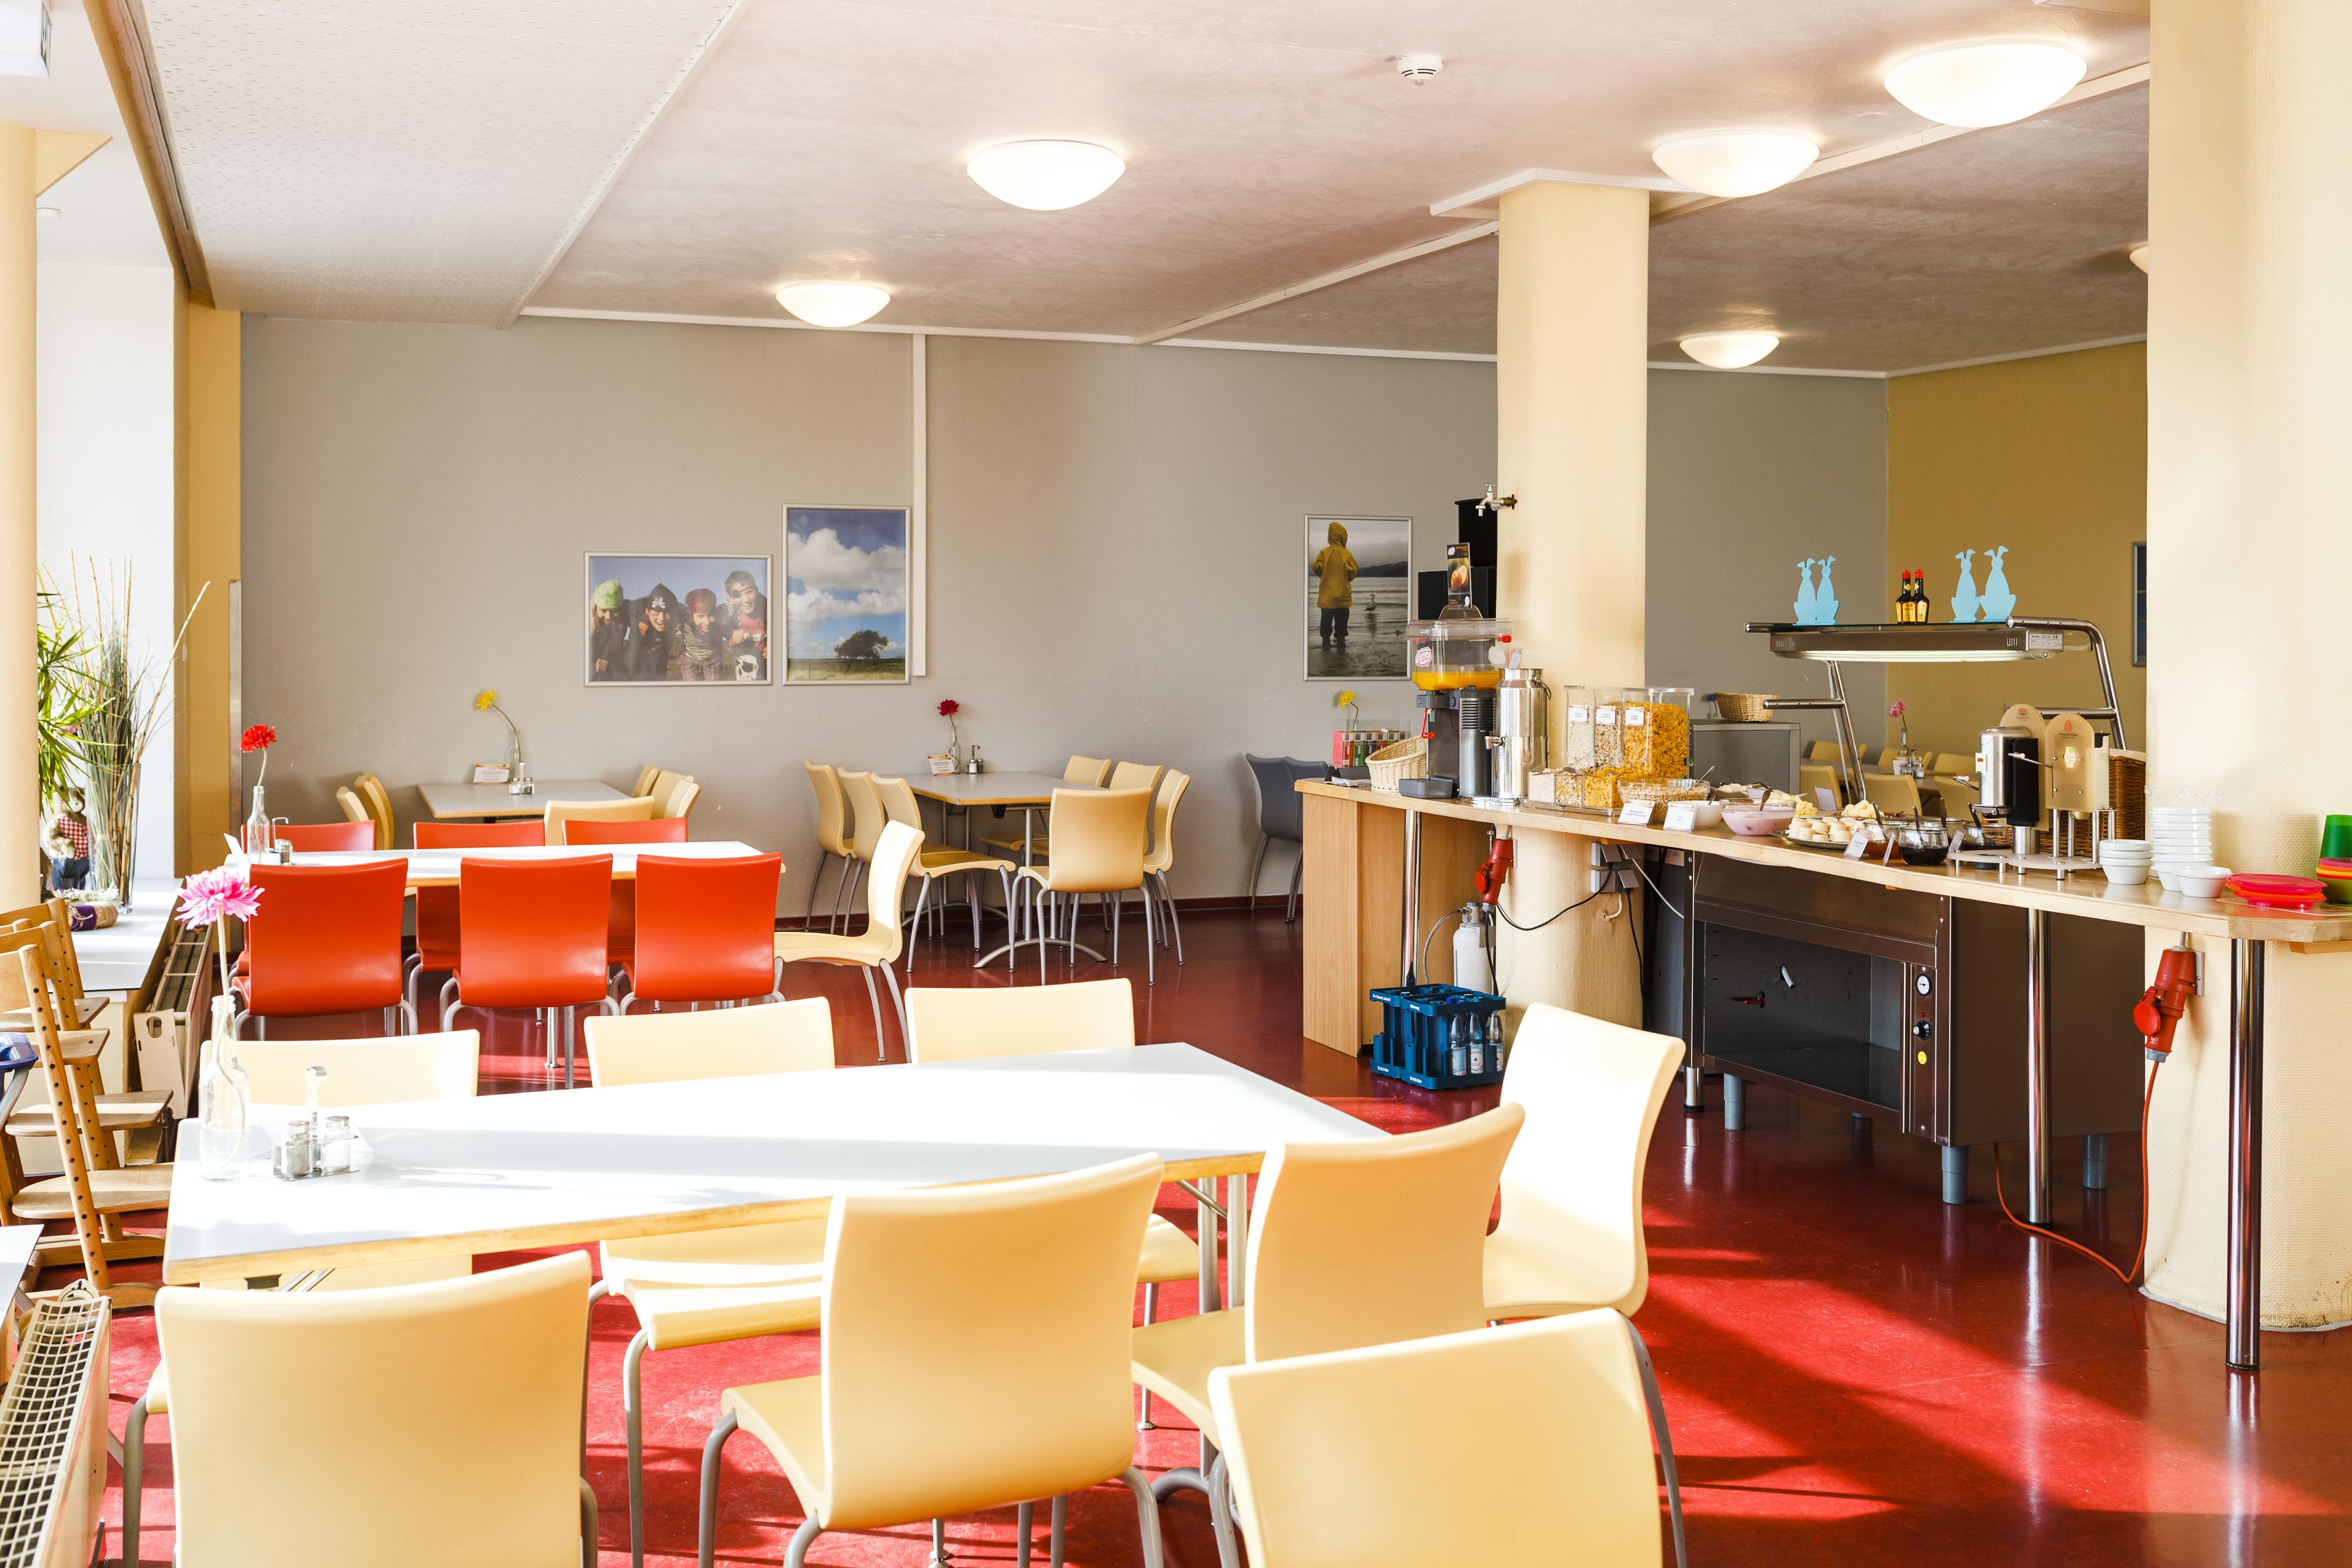 jugendherberge norderney d nensender hotels hotels restaurants norderney deutschland tel. Black Bedroom Furniture Sets. Home Design Ideas